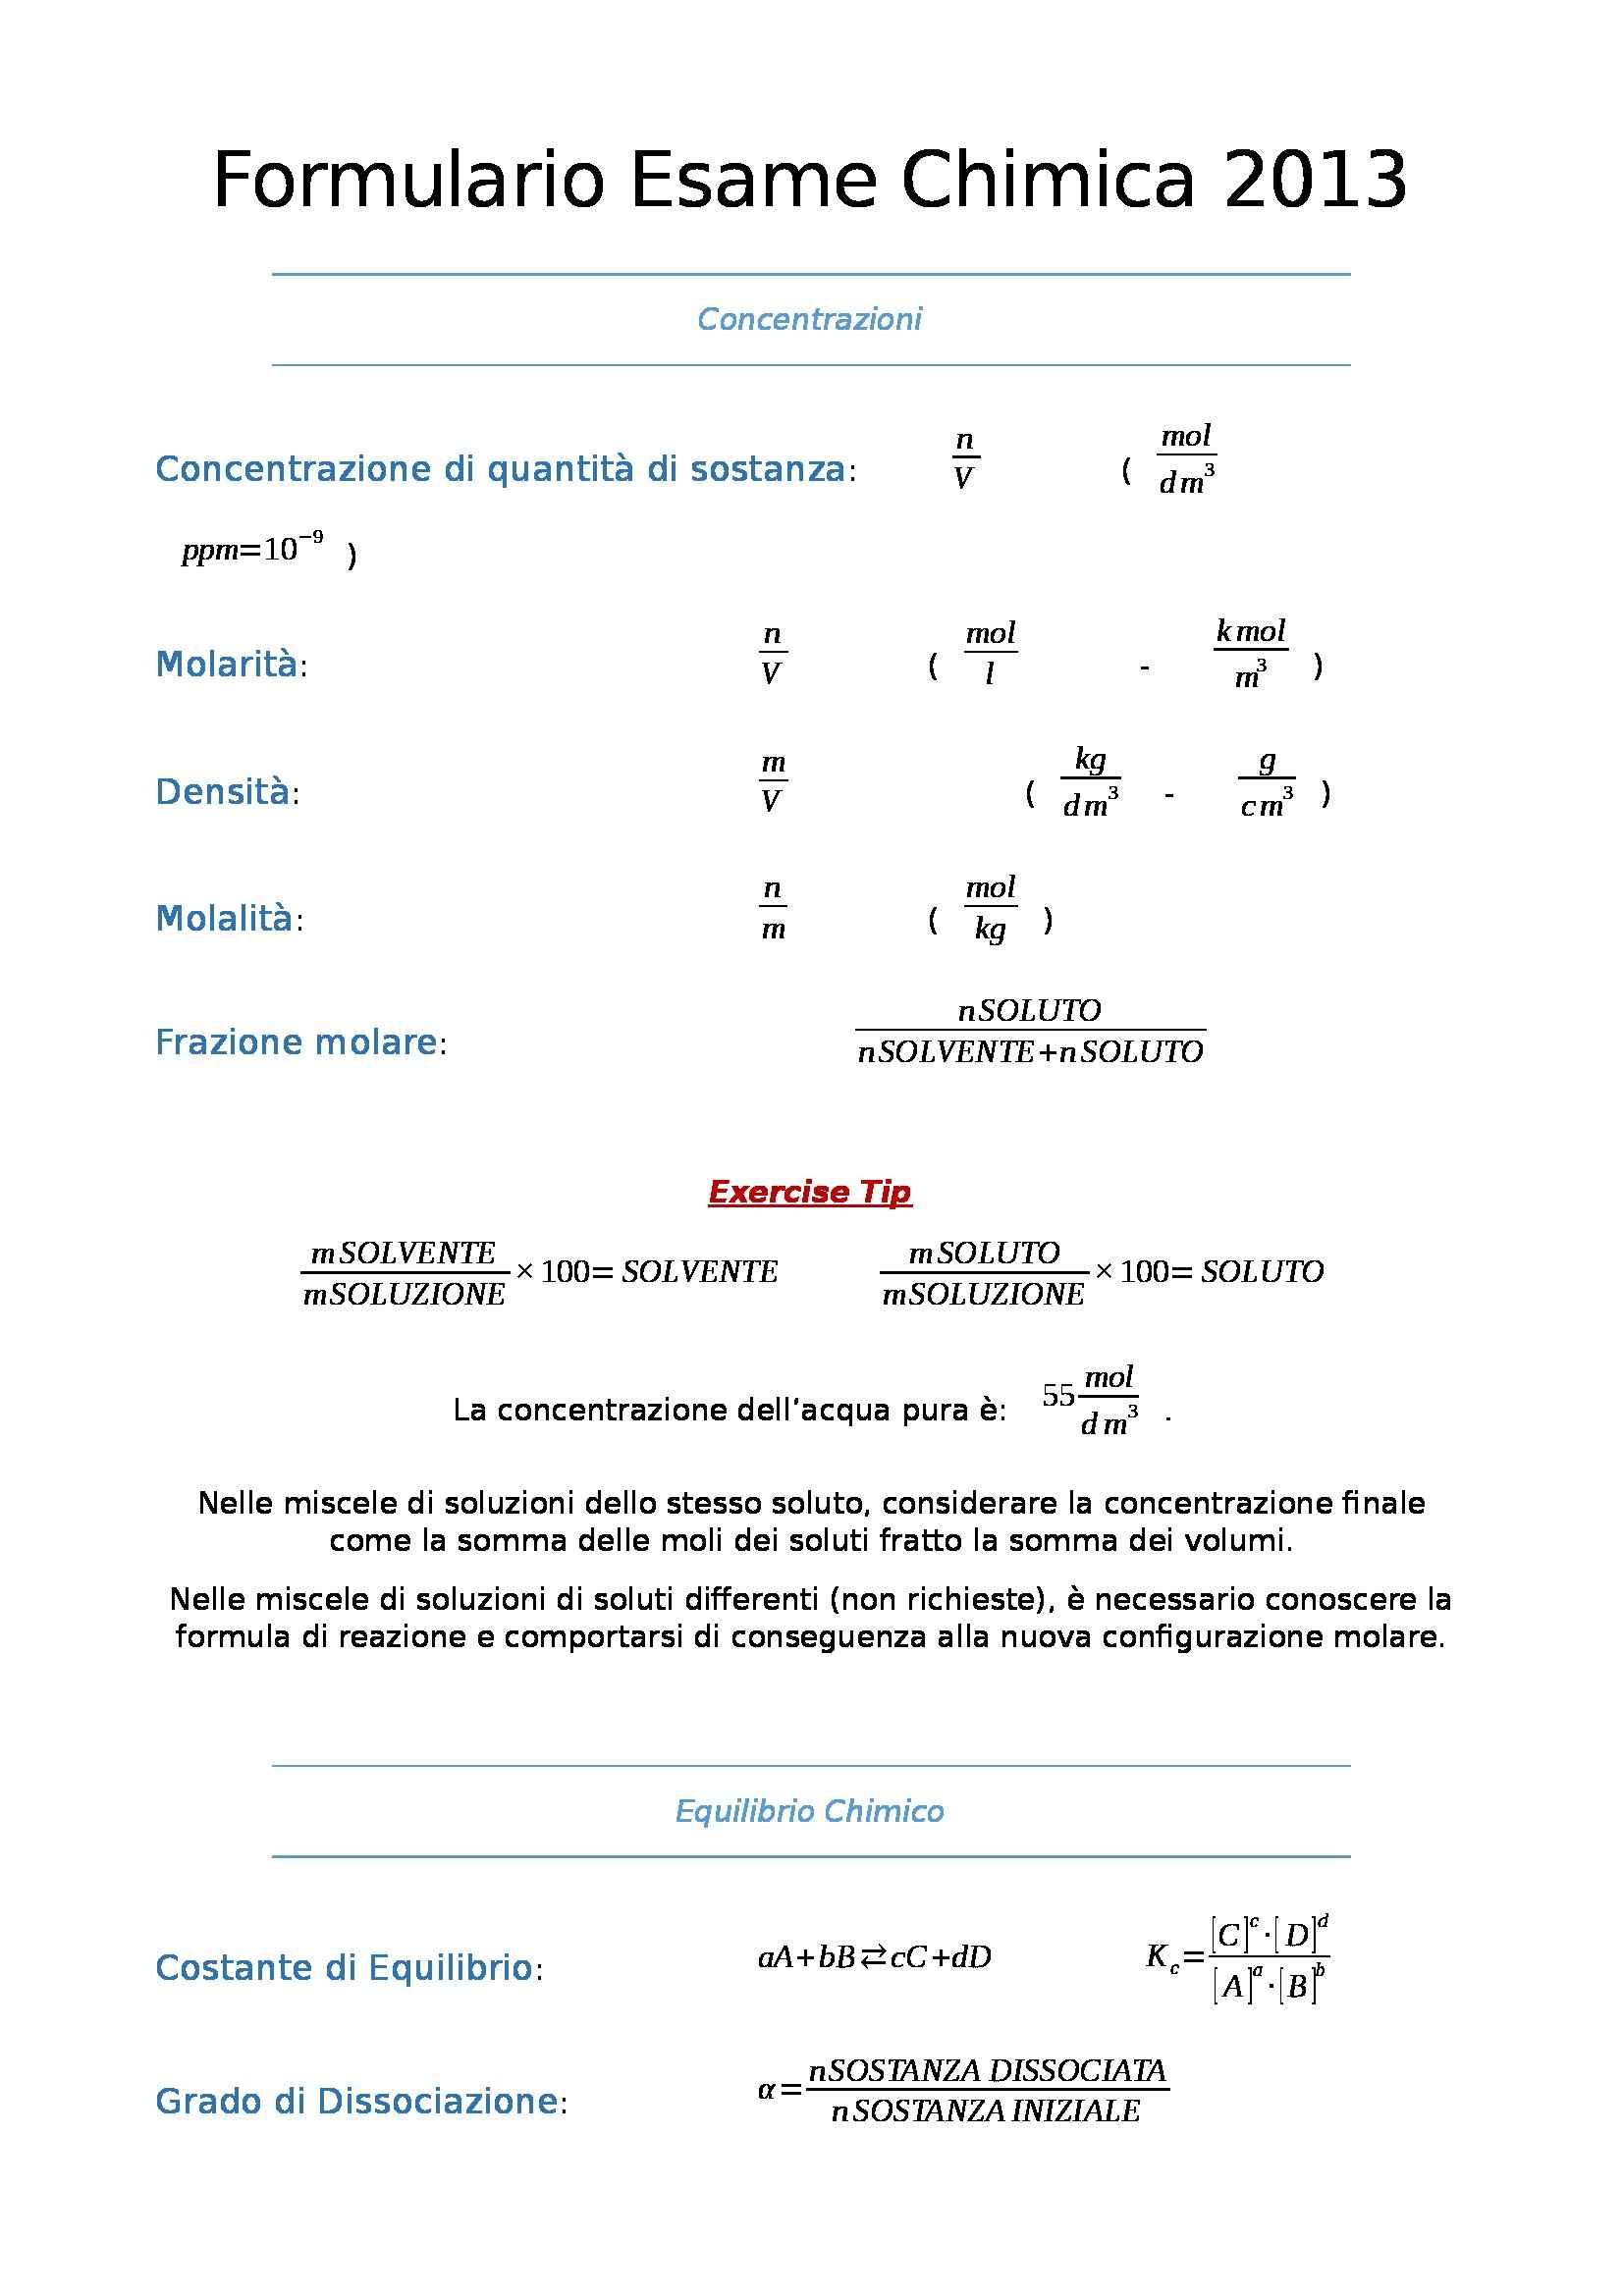 Chimica generale e inorganica - formulario